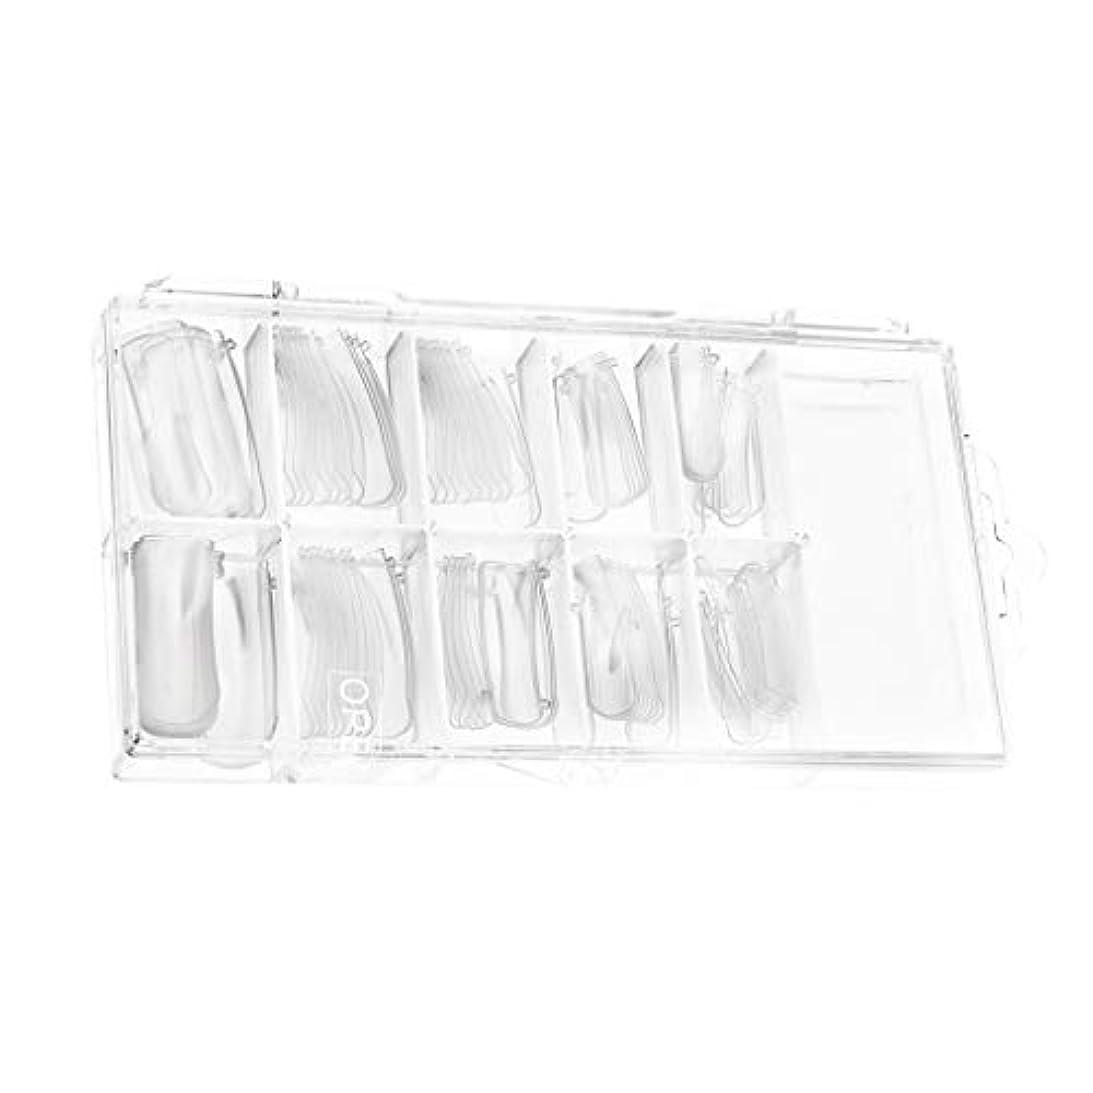 軍隊抽出促進するたくさん100棺ネイルクリアバレリーナネイルのヒントロングフルカバーアクリルネイル個人用または業務用(クリア)用10サイズ